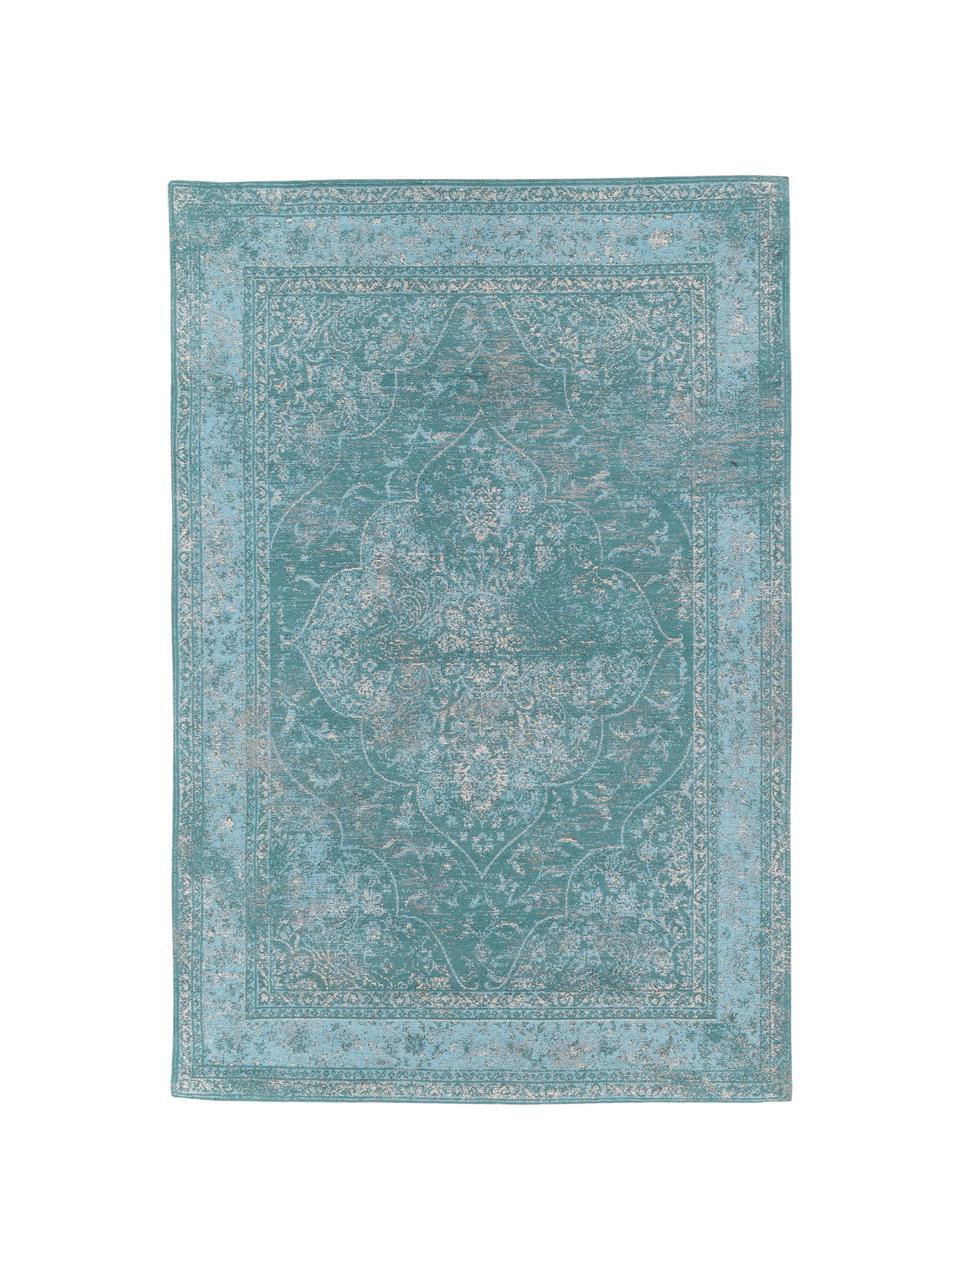 Tappeto vintage in ciniglia turchese Palermo, Retro: 100% cotone, Turchese, azzurro, crema, Larg. 160 x Lung. 230 cm (taglia M)